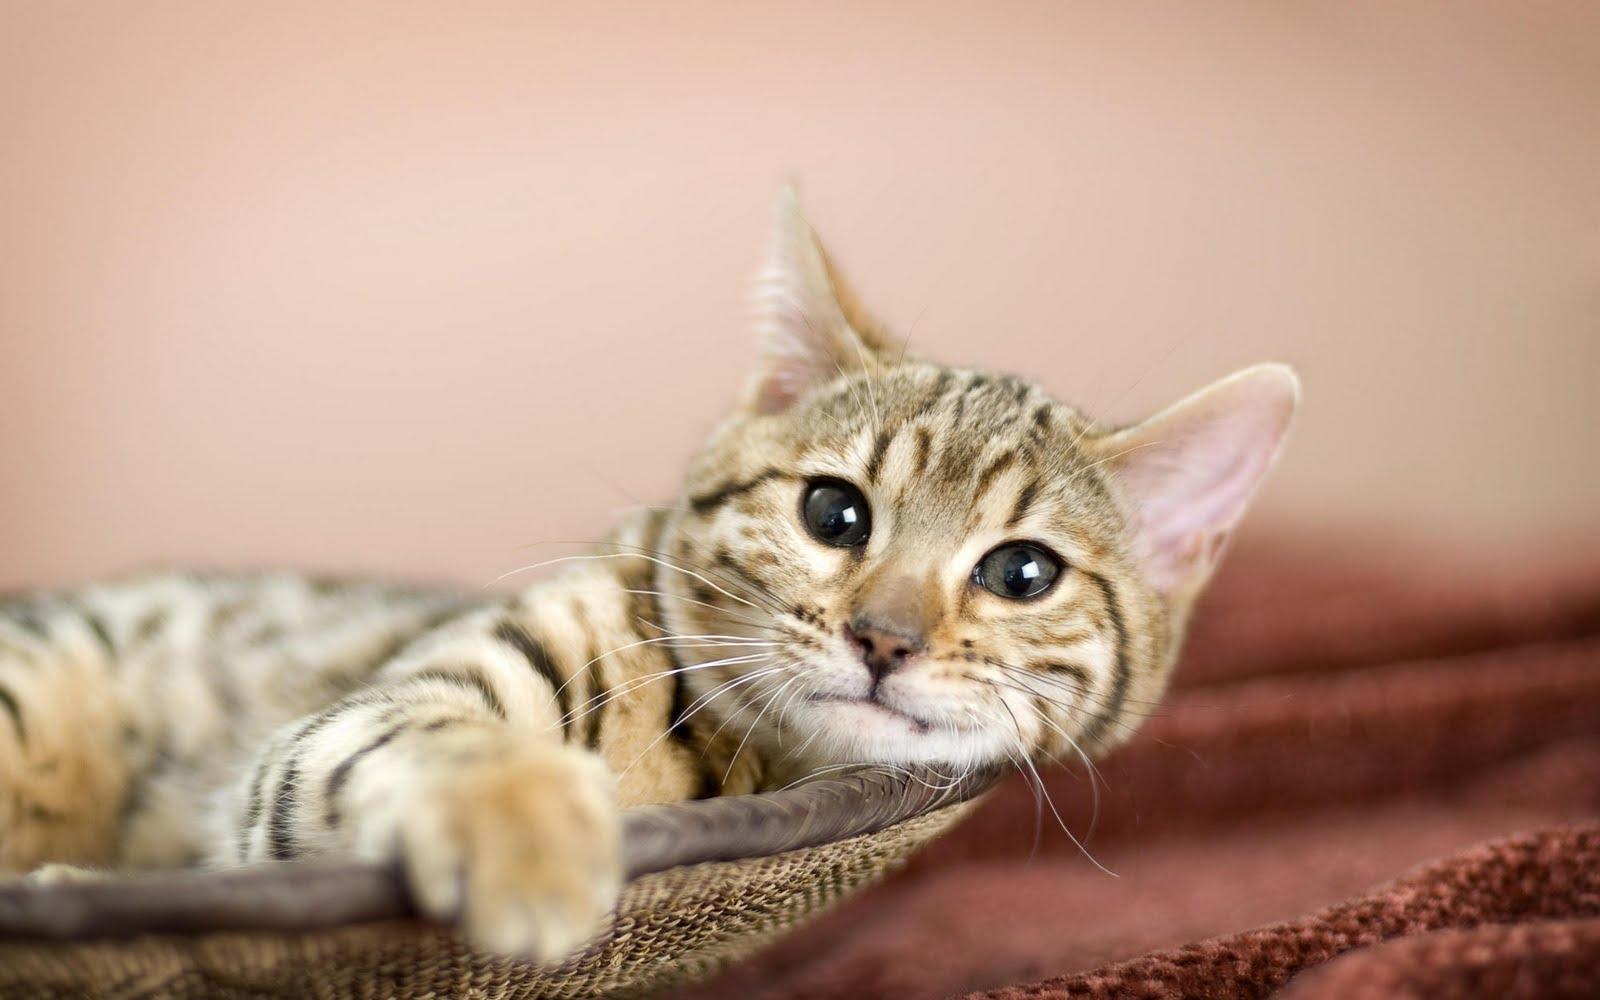 http://2.bp.blogspot.com/_KLJU3hHDGVM/S-lC-7rT5CI/AAAAAAAAB-g/sSQRFjq_X6Q/s1600/cats+%286%29.jpg